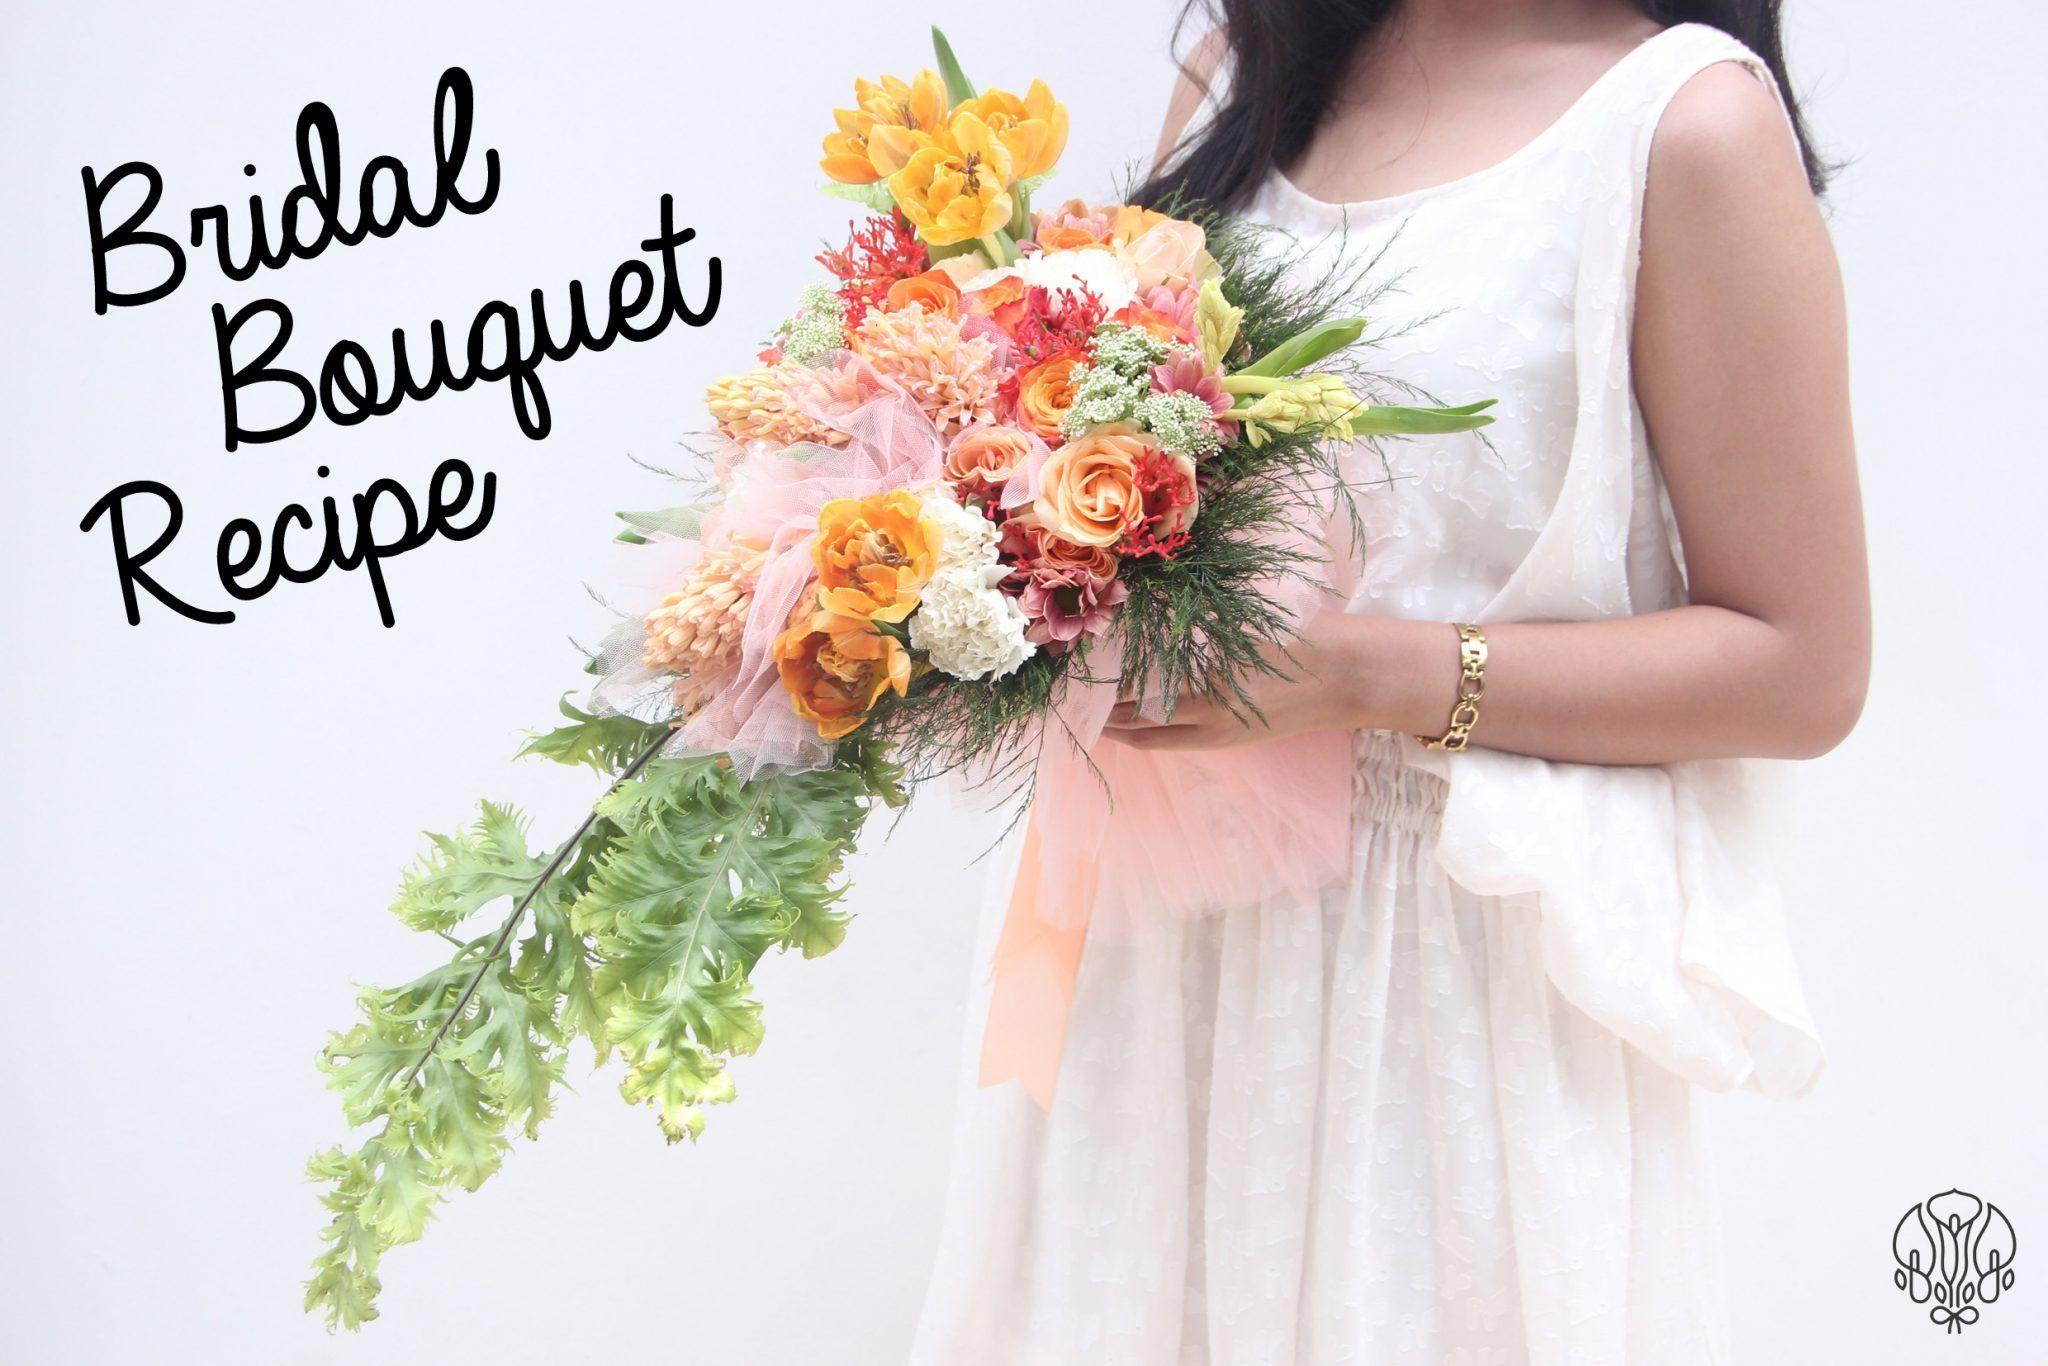 Bridal Bouquet Recipe Orange County The Bride Dept Hand Bouquet Ideas Buket Pengantin